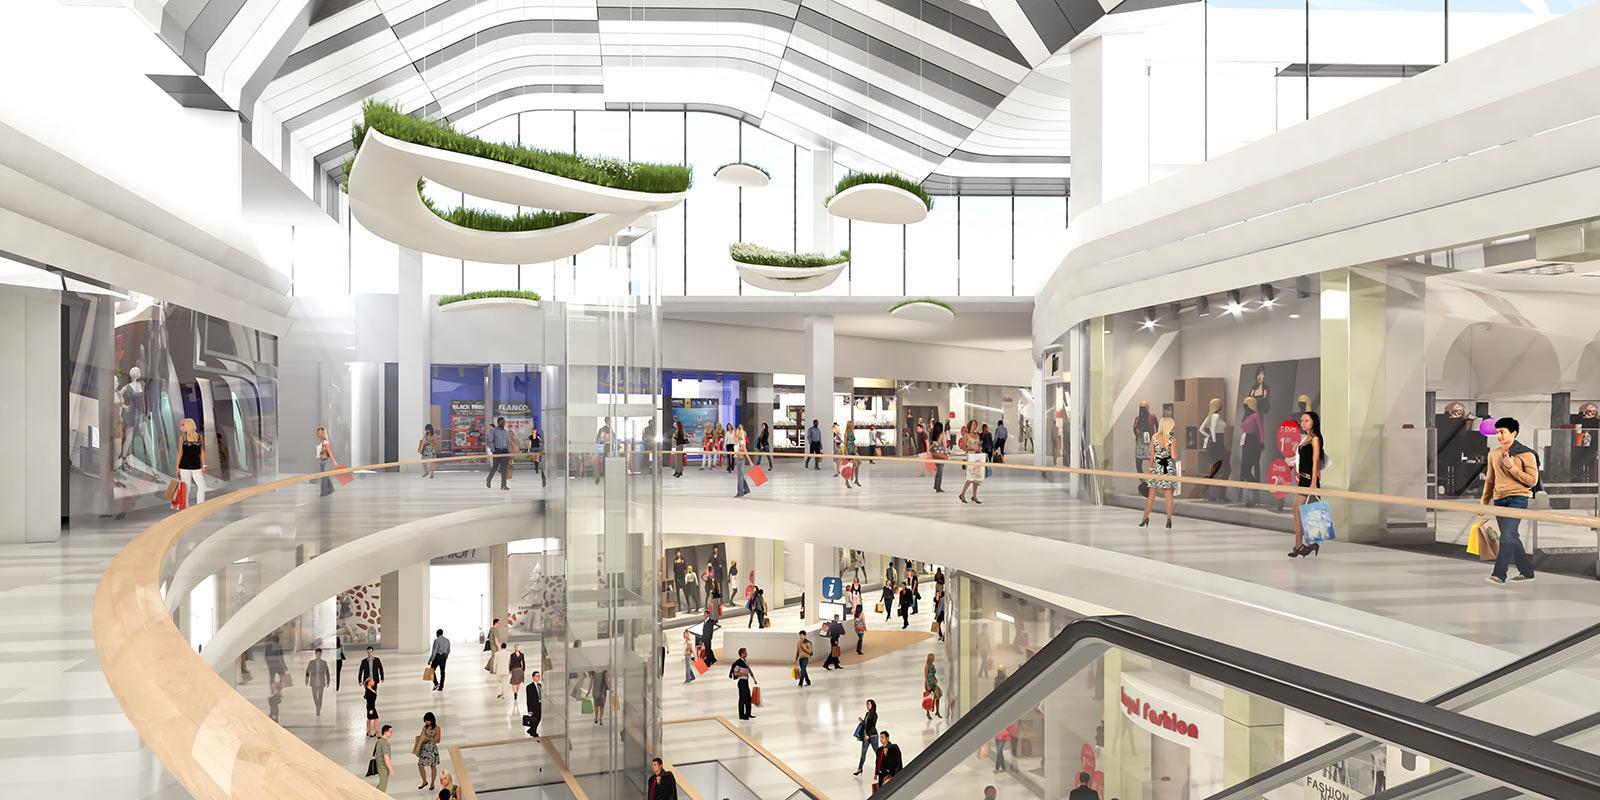 Durch großflächige Umbauten und Erweiterungen wird das Shopping Center neu positioniert. Visualisierung: ATP architekten ingenieure